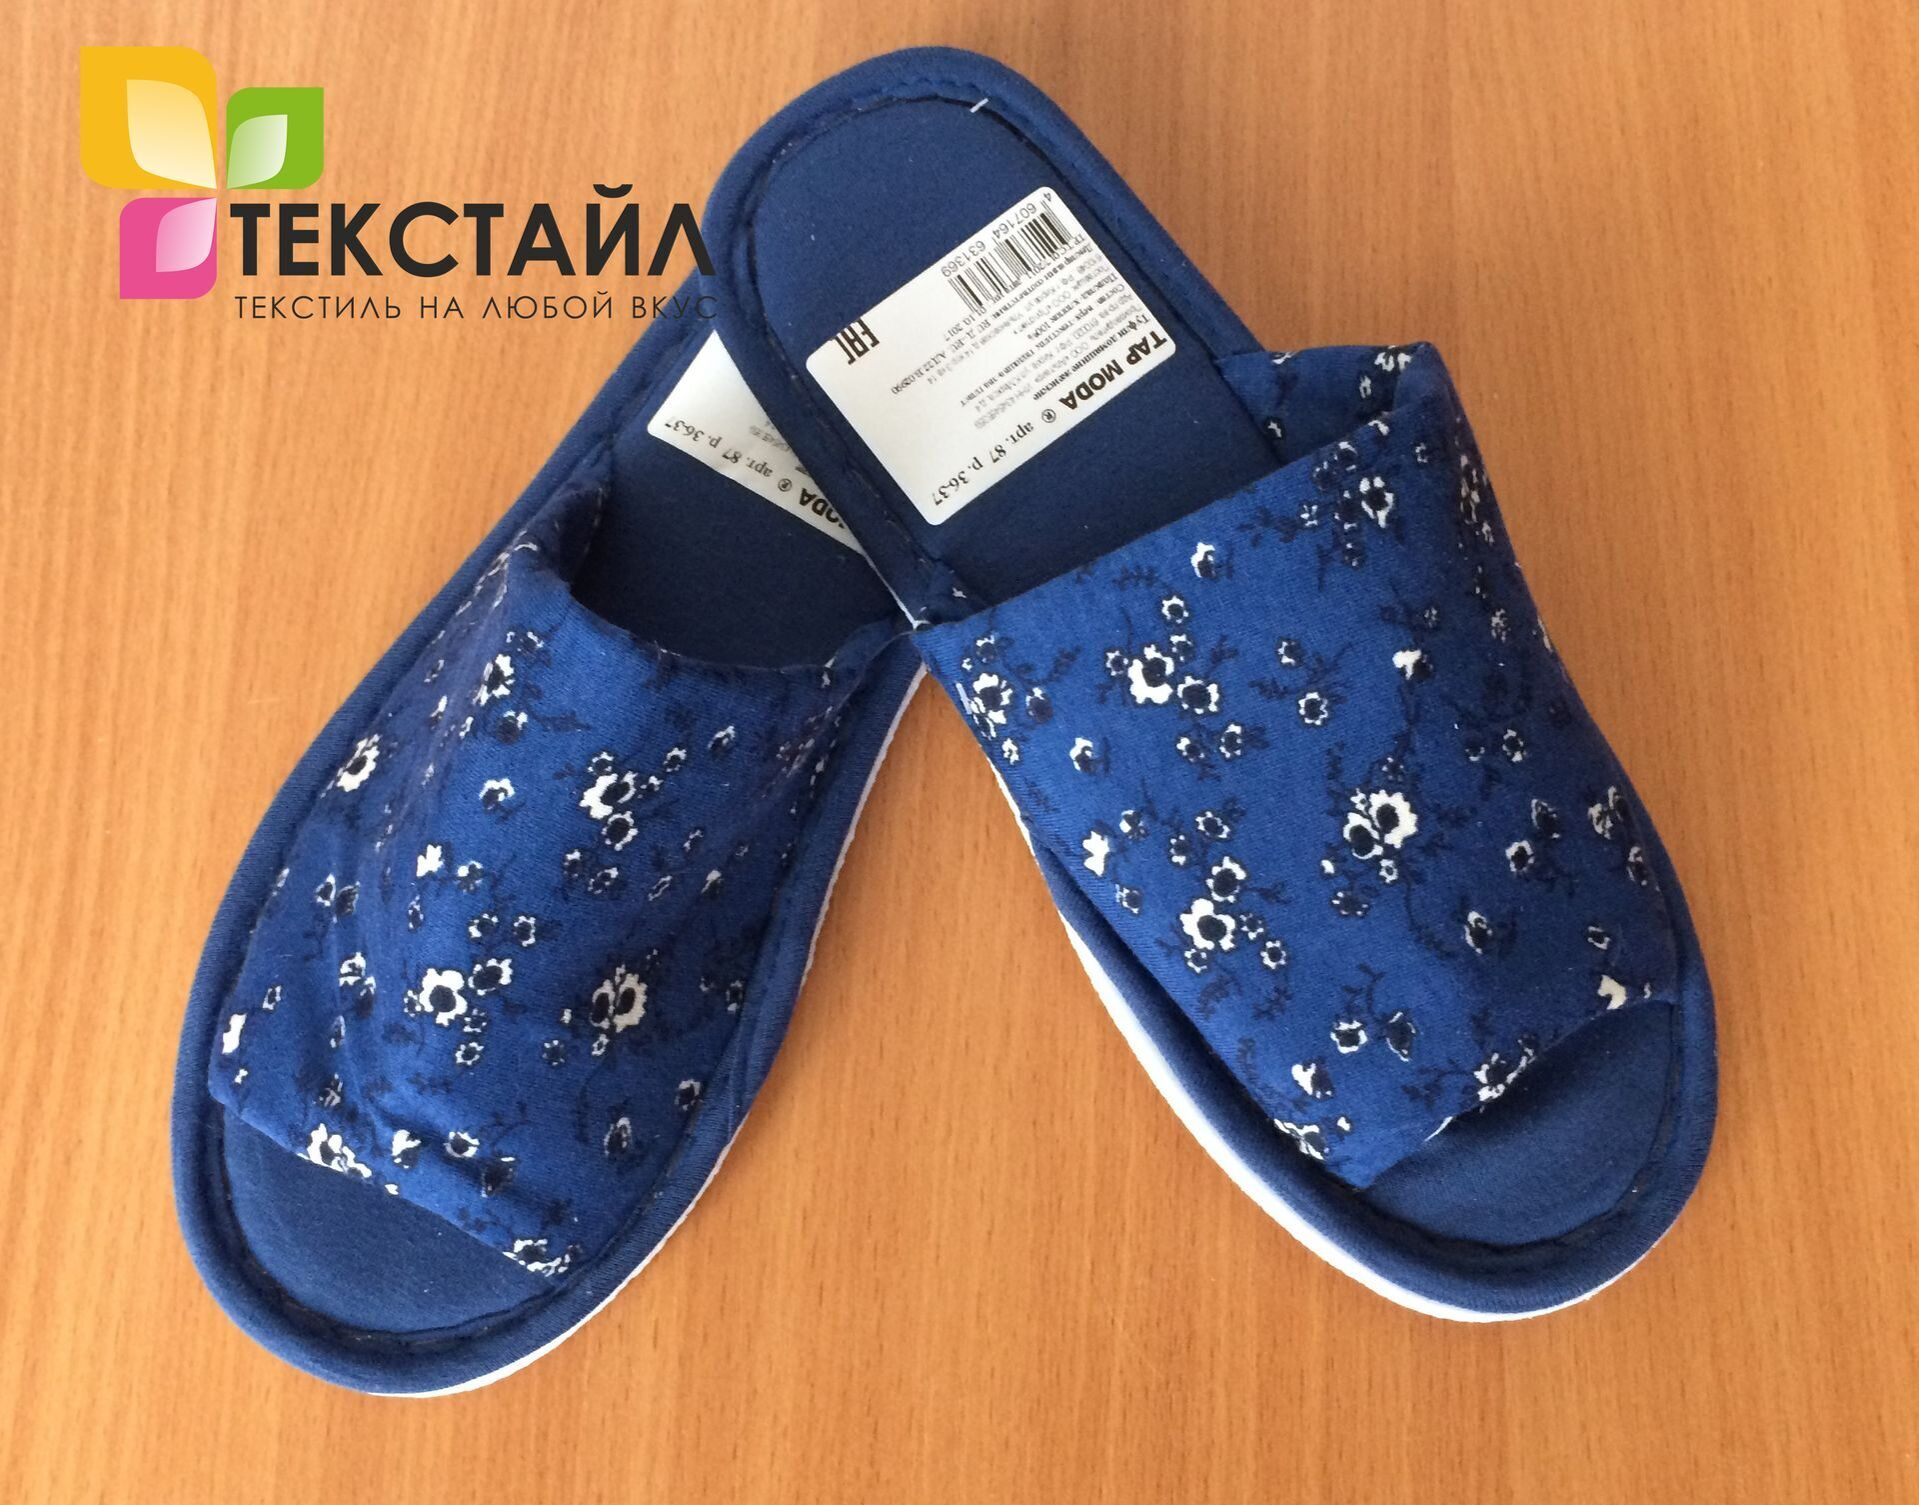 563d2cbae2a50 Тапочки женские с открытым носком трикотаж х/б 87 купить в Екатеринбурге